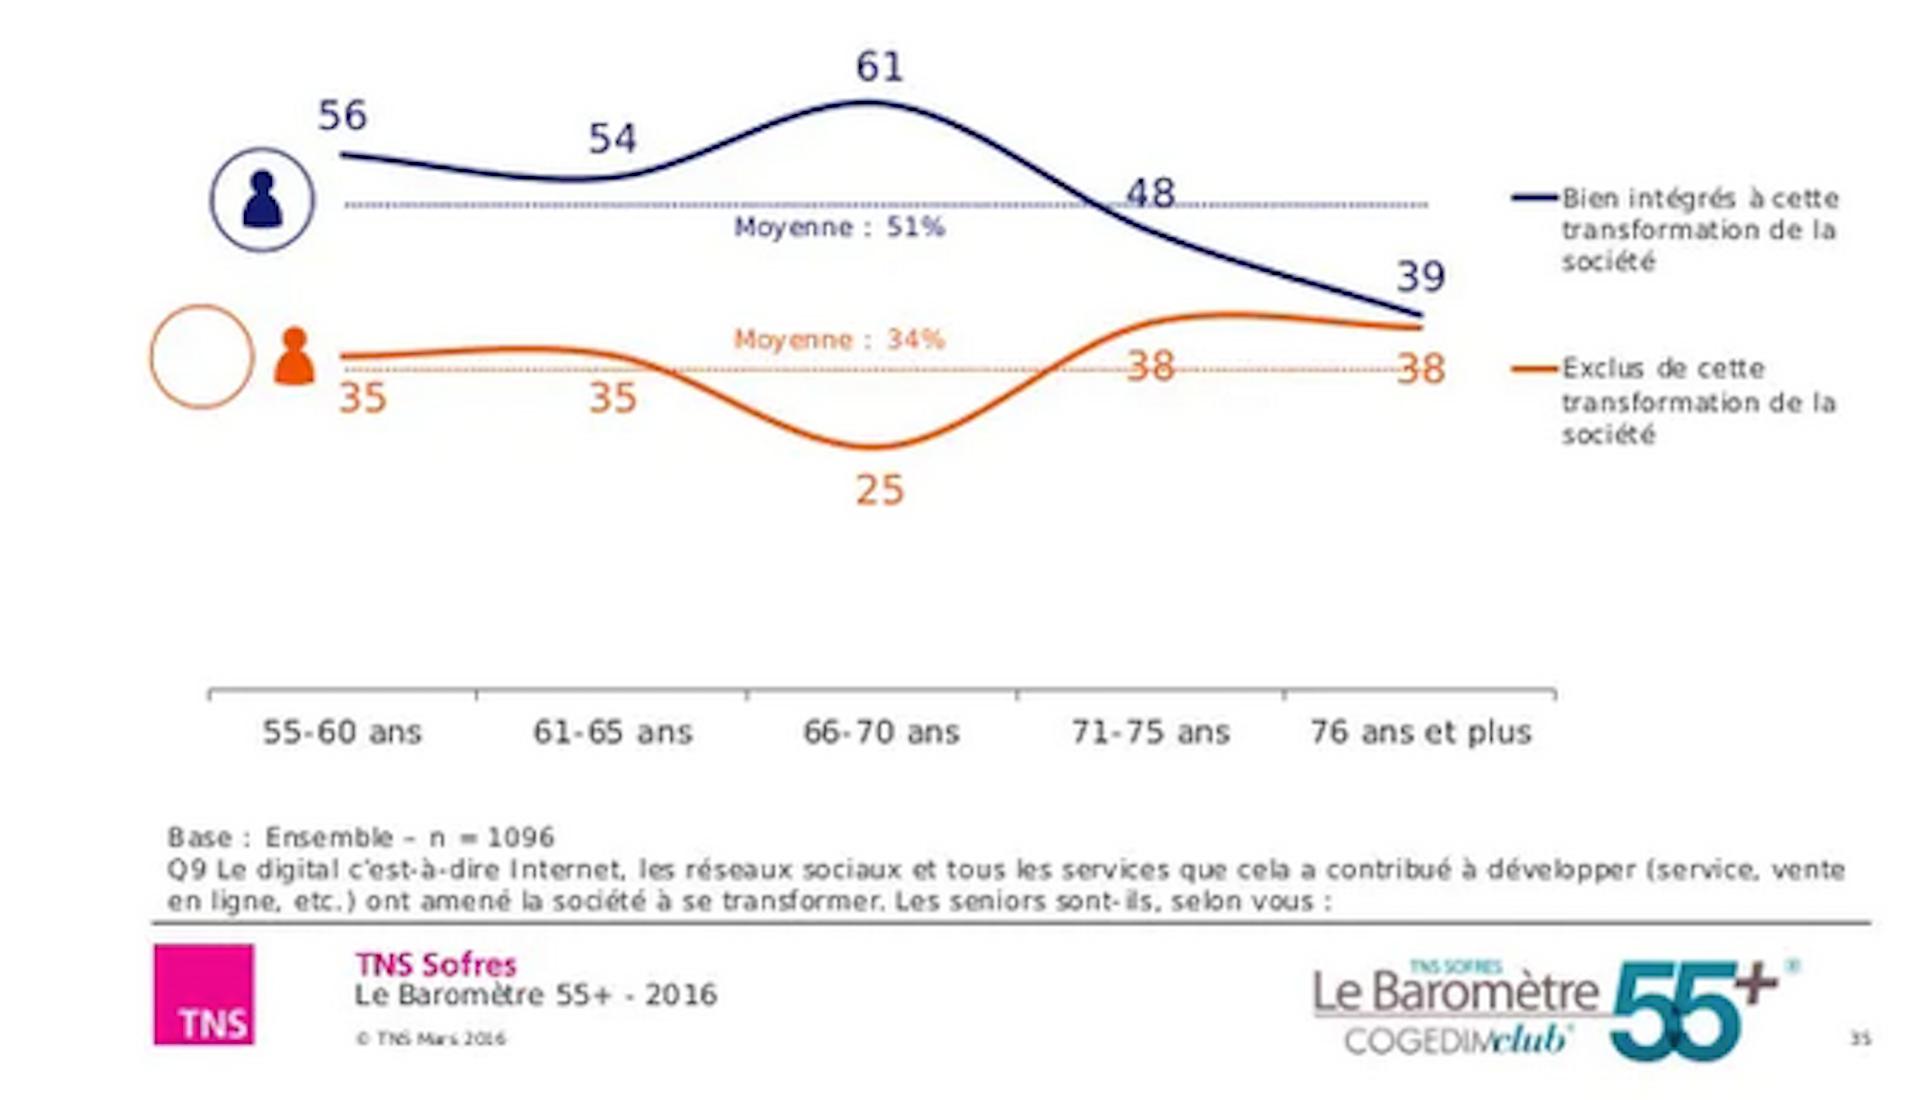 Le sentiment d'intégration à la société digitale marque un vrai décrochage à 70 ans. Baromètre les seniors et le digital TNS Sofres